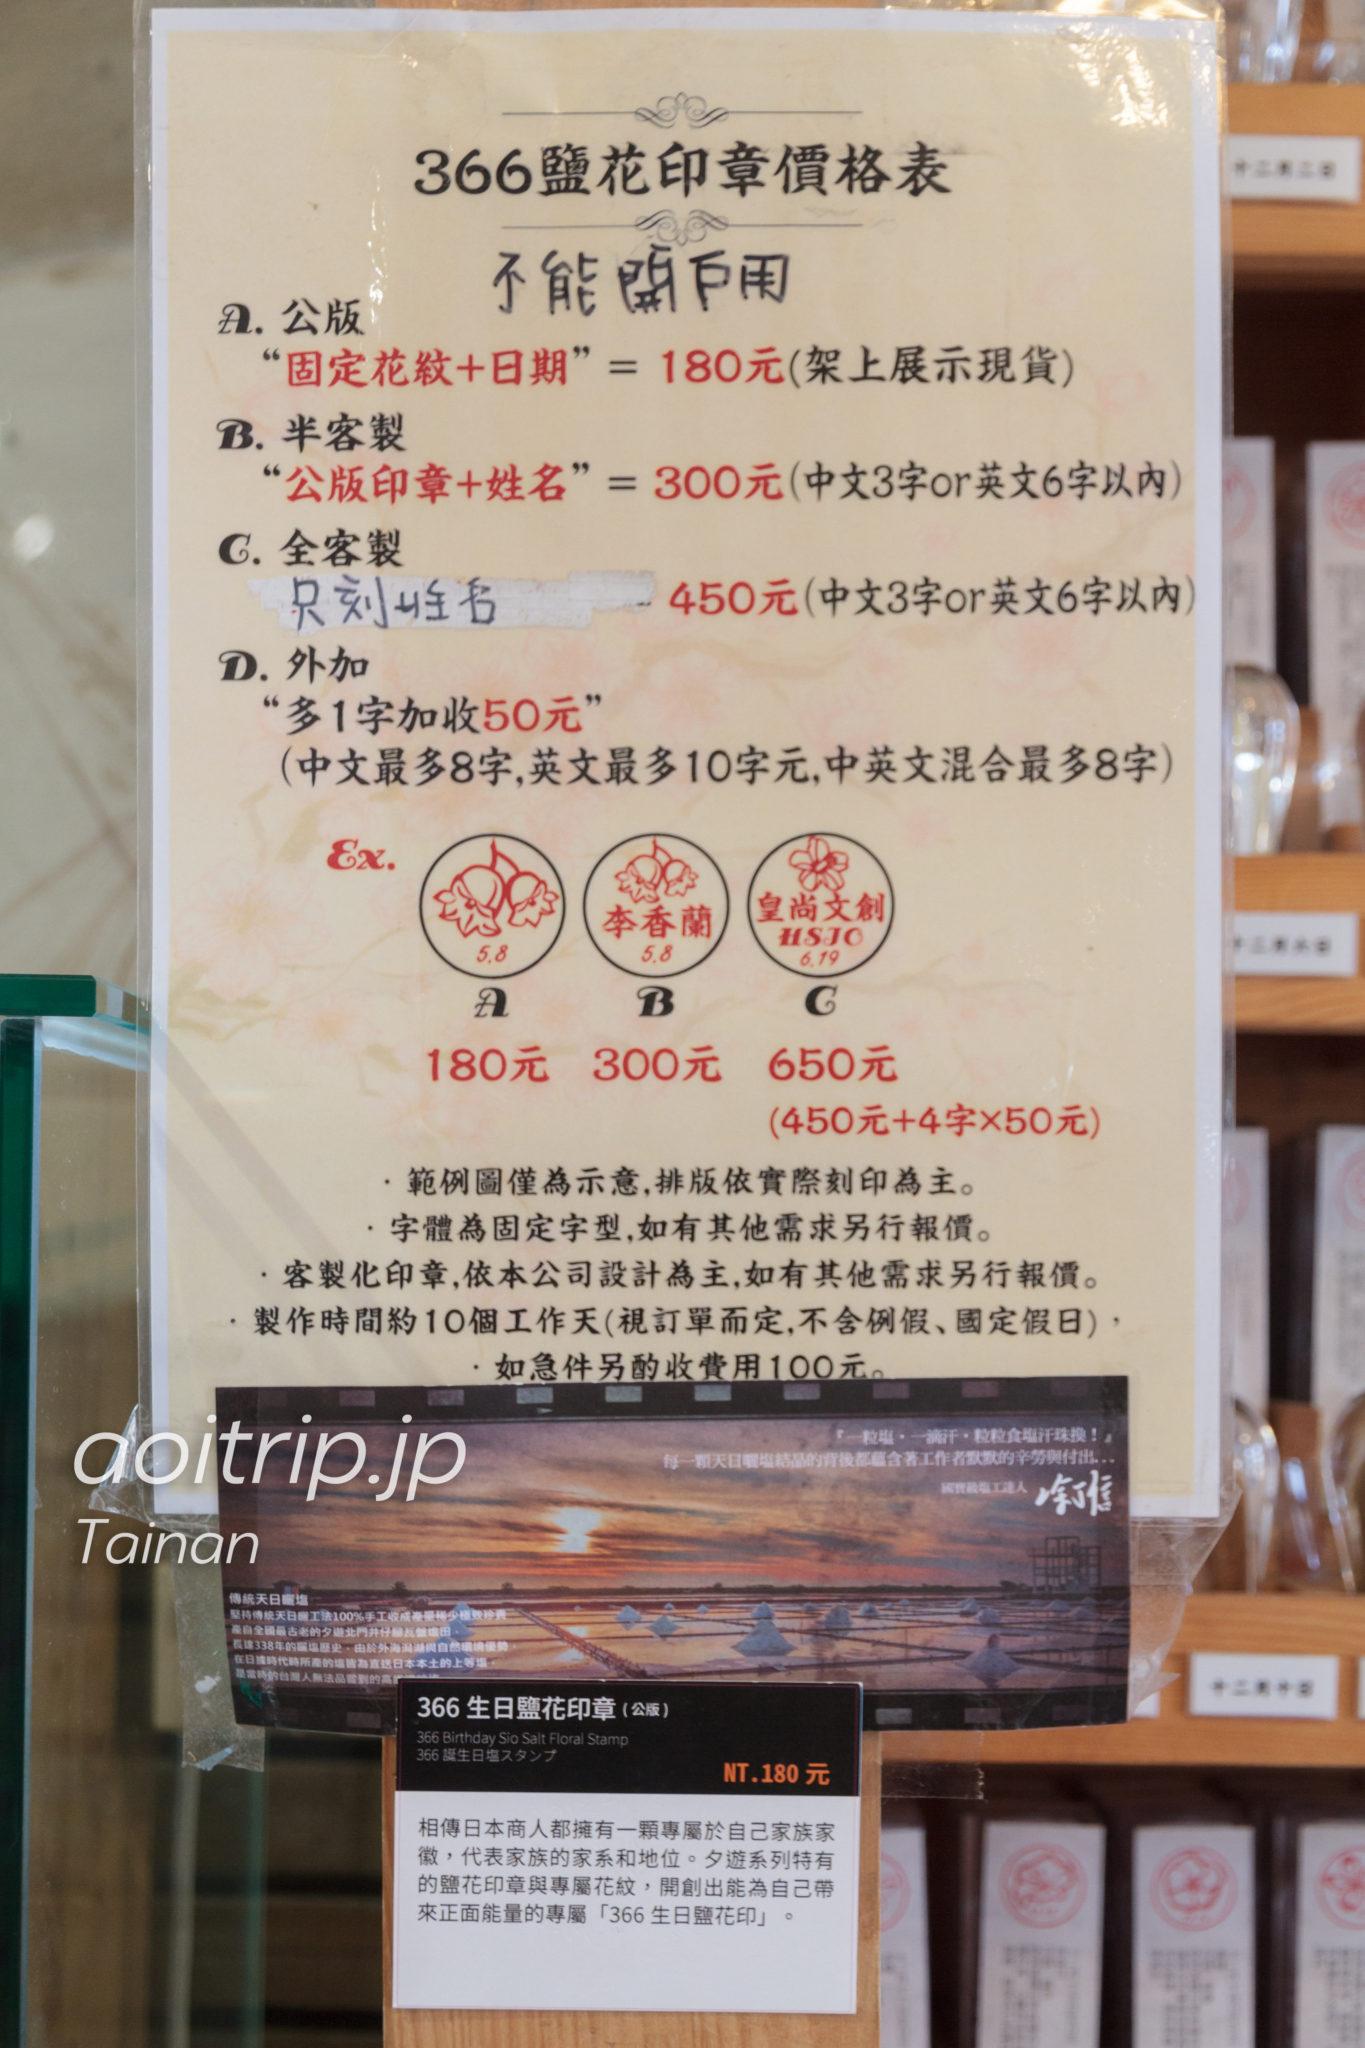 夕遊出張所の366日誕生日塩スタンプの価格